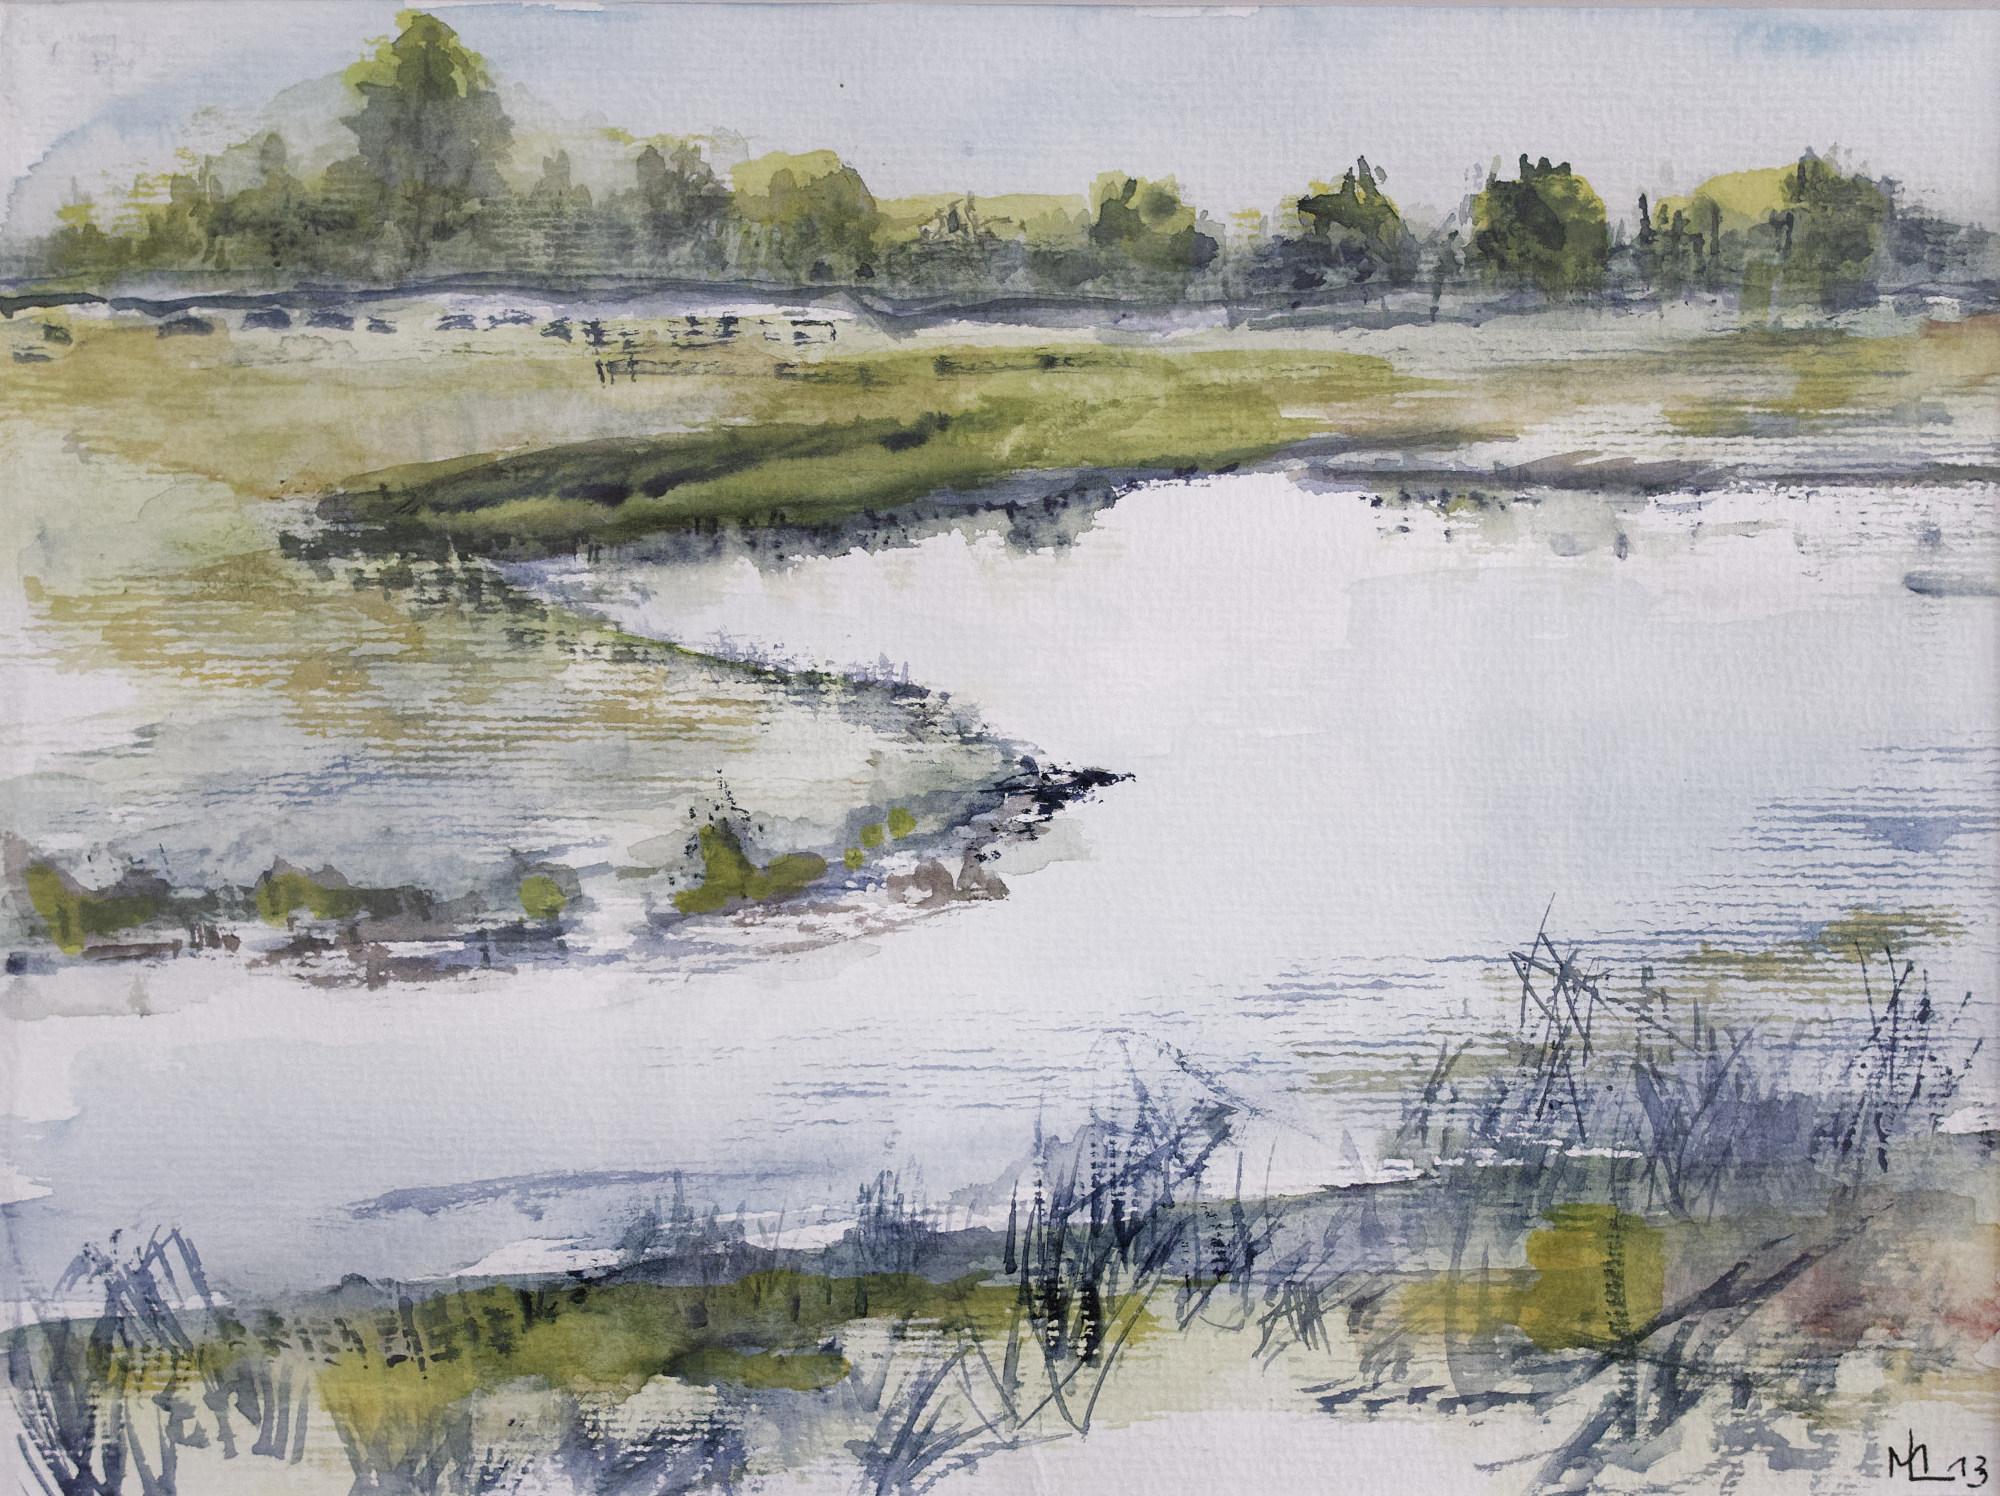 1996 - Flusslandschaft, 40x30cm, Aquarell